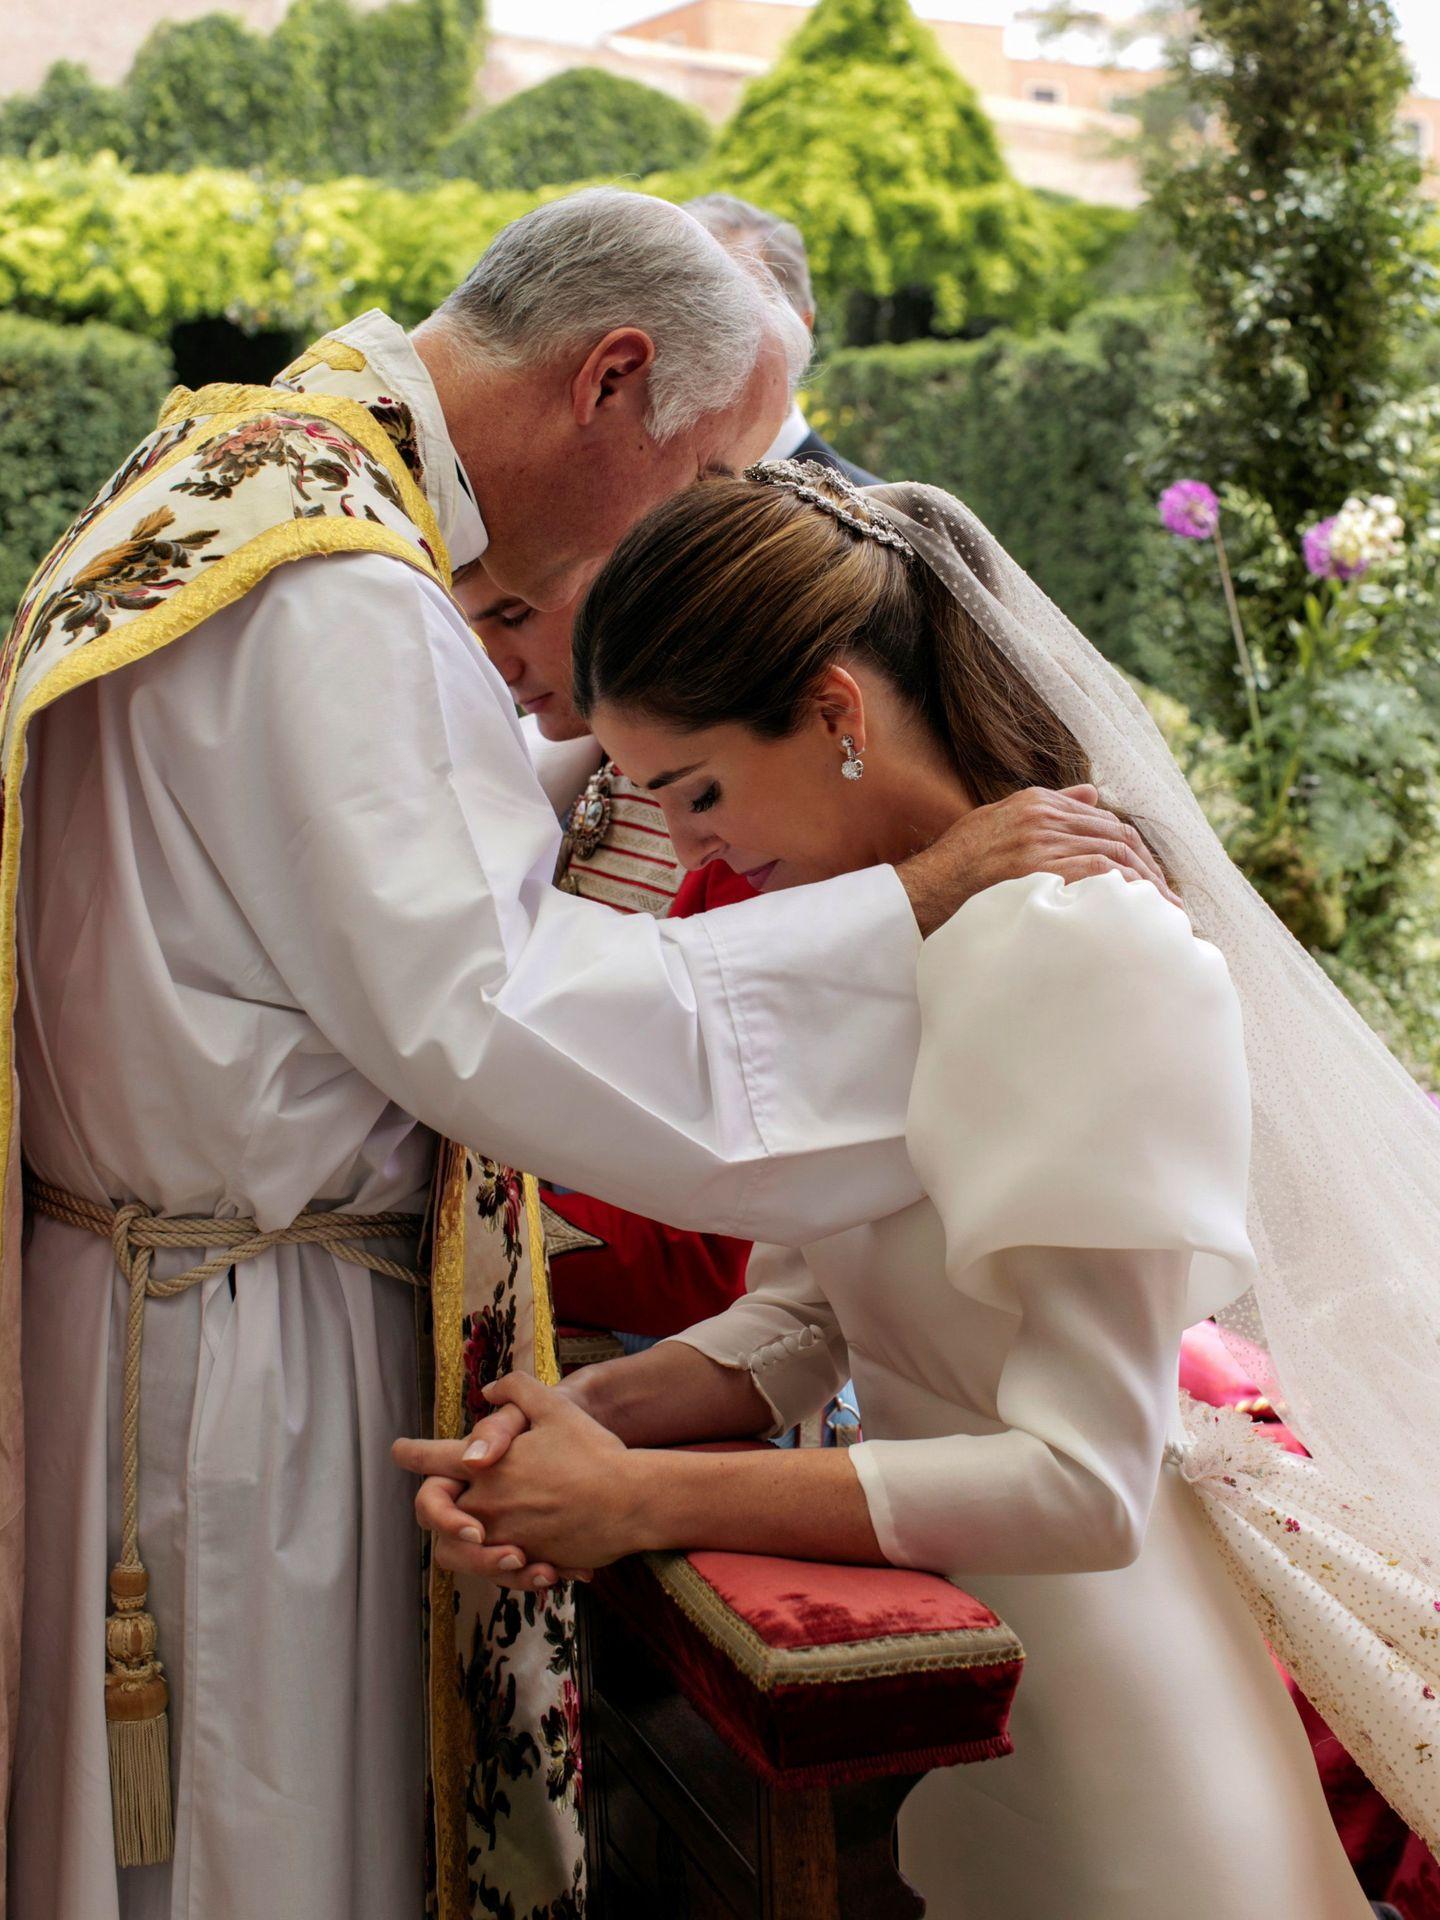 Un momento de la boda de los condes de Osorno. (Alejandra Ortiz Fotografía)